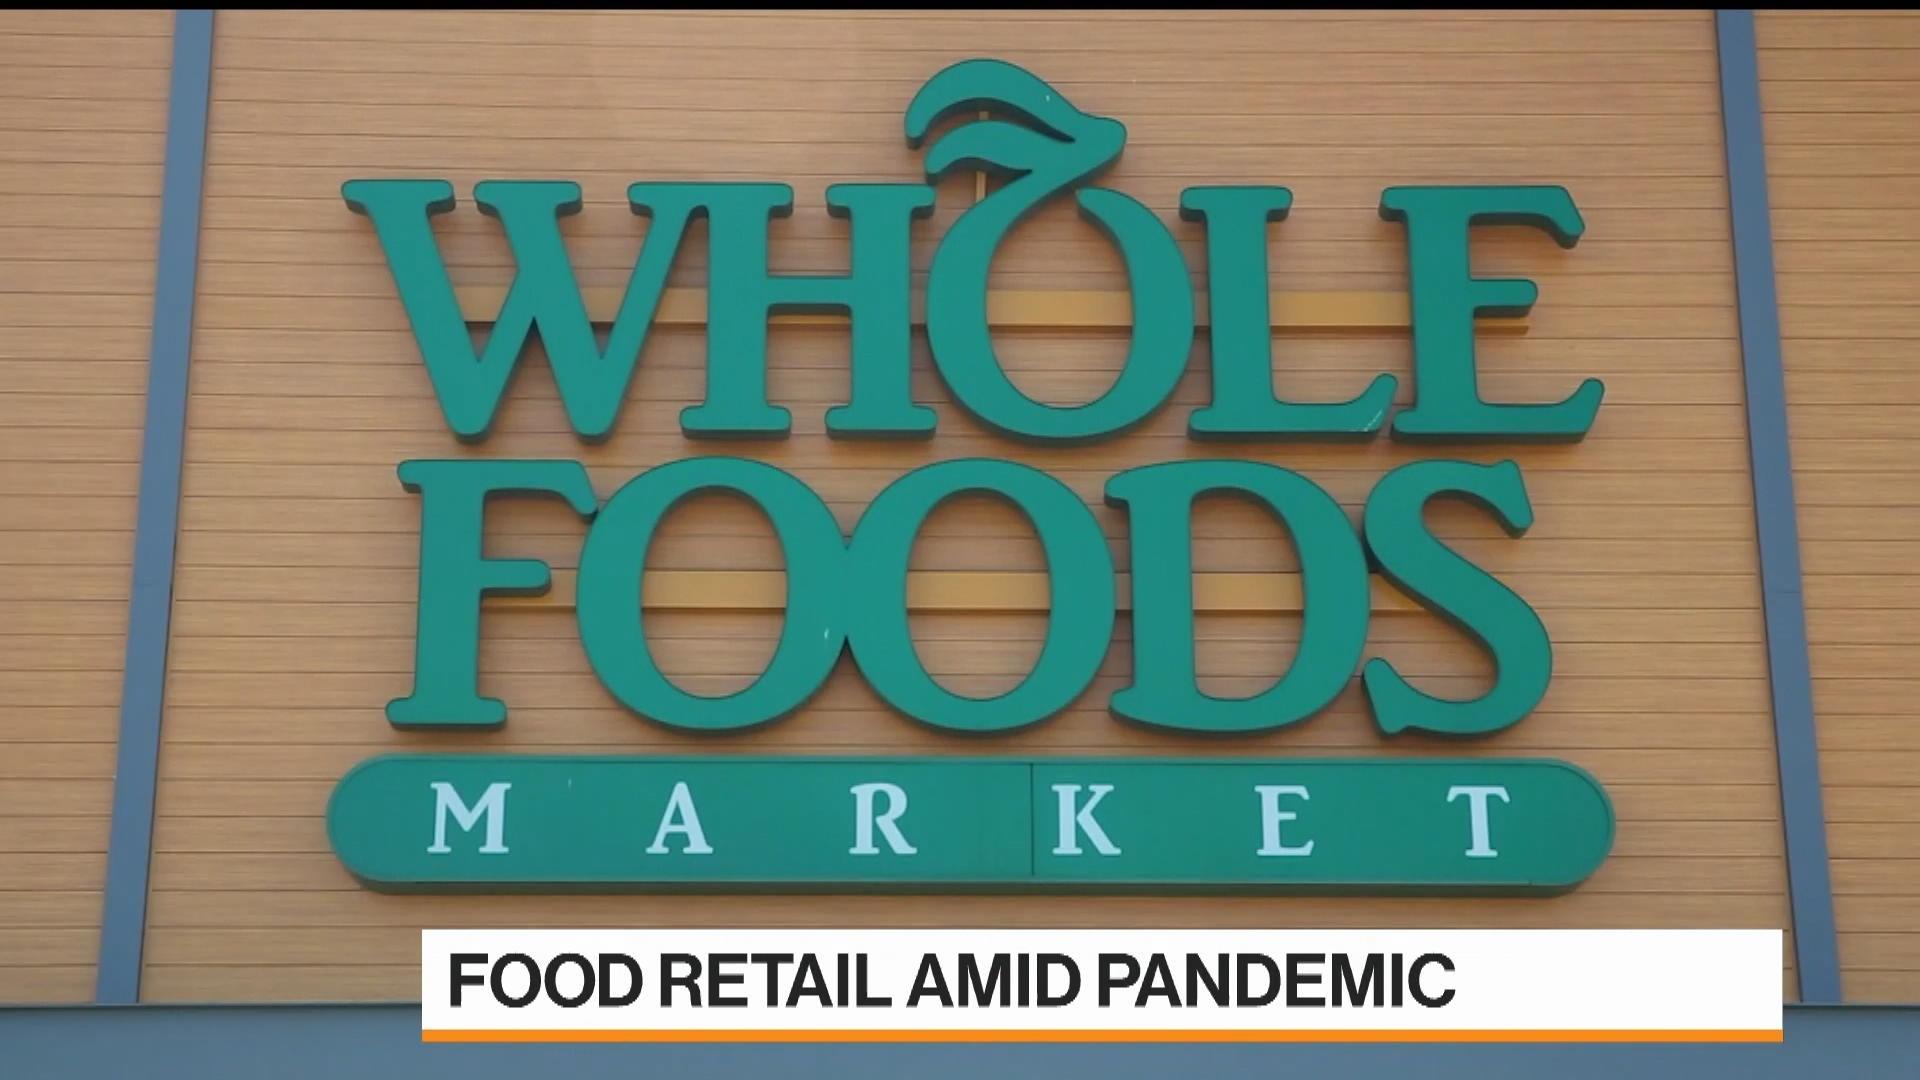 Whole Foods Online Sales Tripled Last Quarter